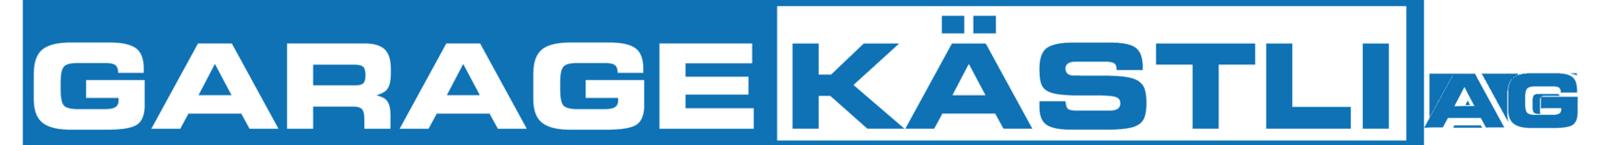 Garage Kästli Erlenbach - Subaru und Suzuki Vertretung